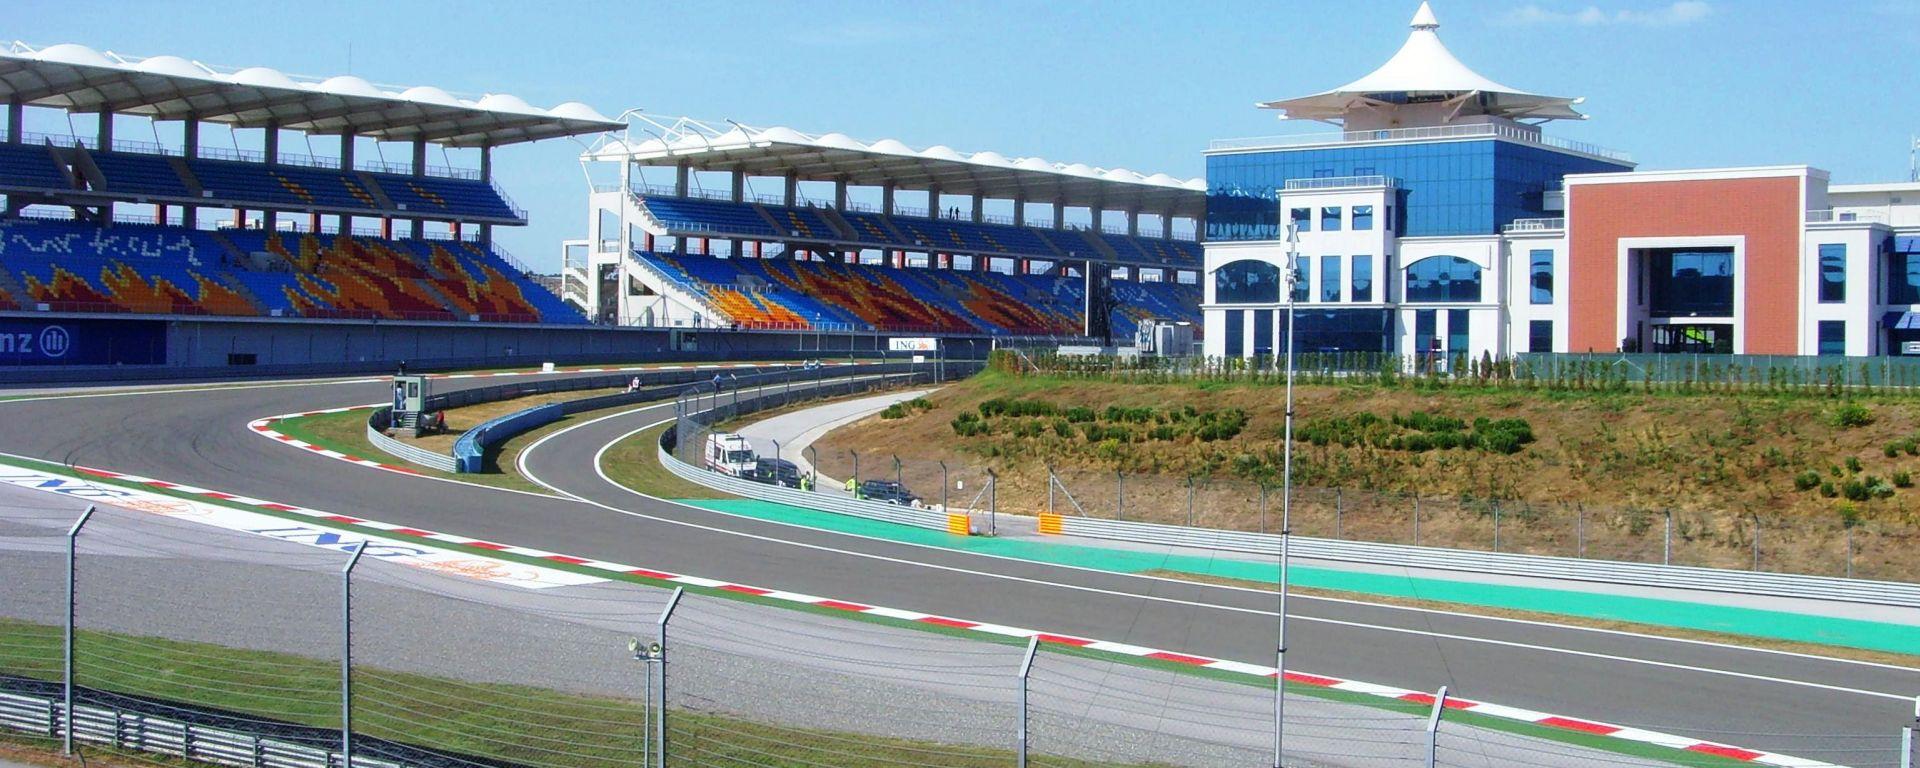 F1, le tribune centrali e l'edificio paddock dell'Istanbul Park